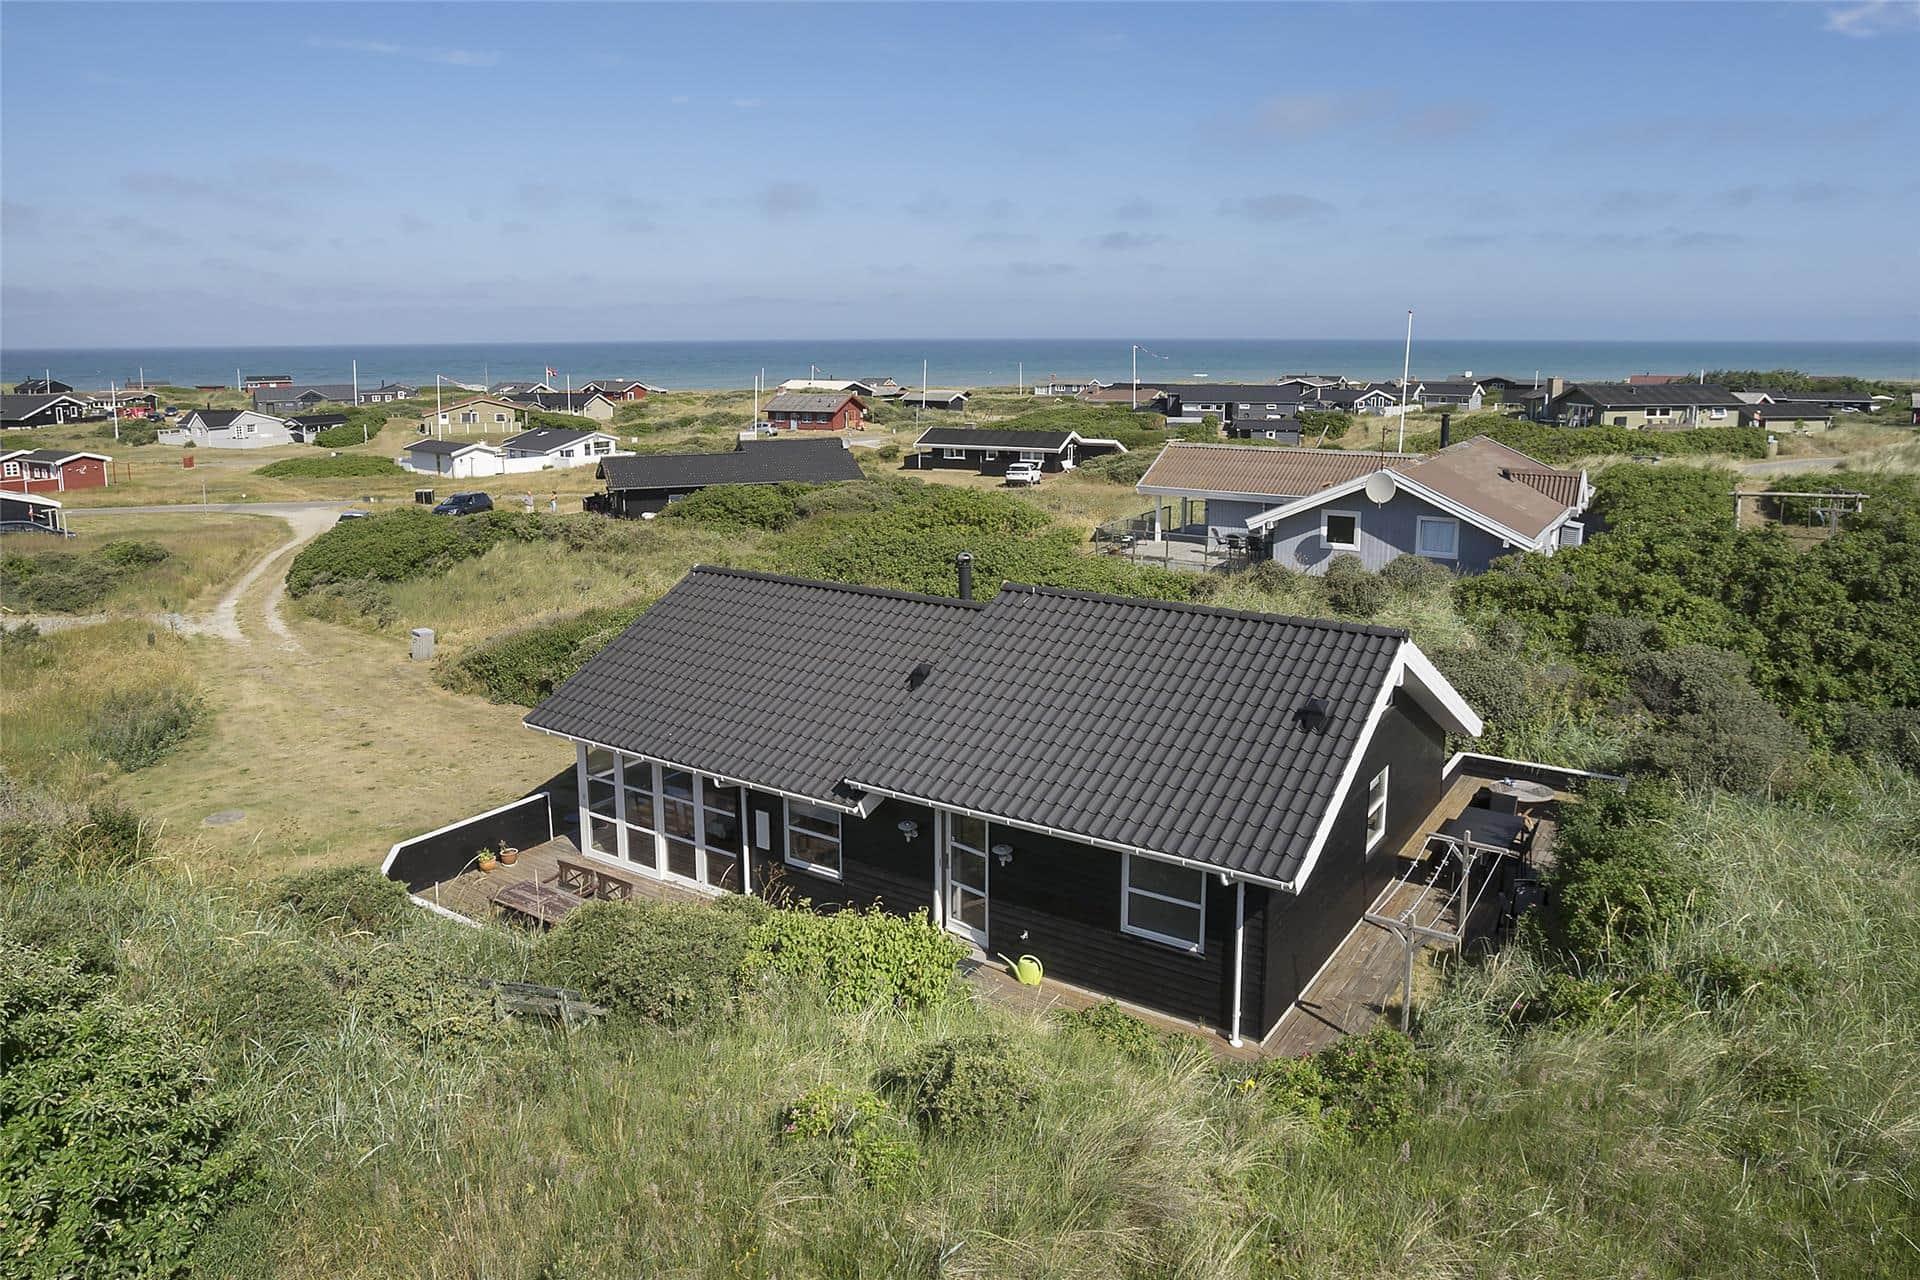 Image 1-14 Holiday-home 590, Blåbærrenden 8, DK - 9800 Hjørring